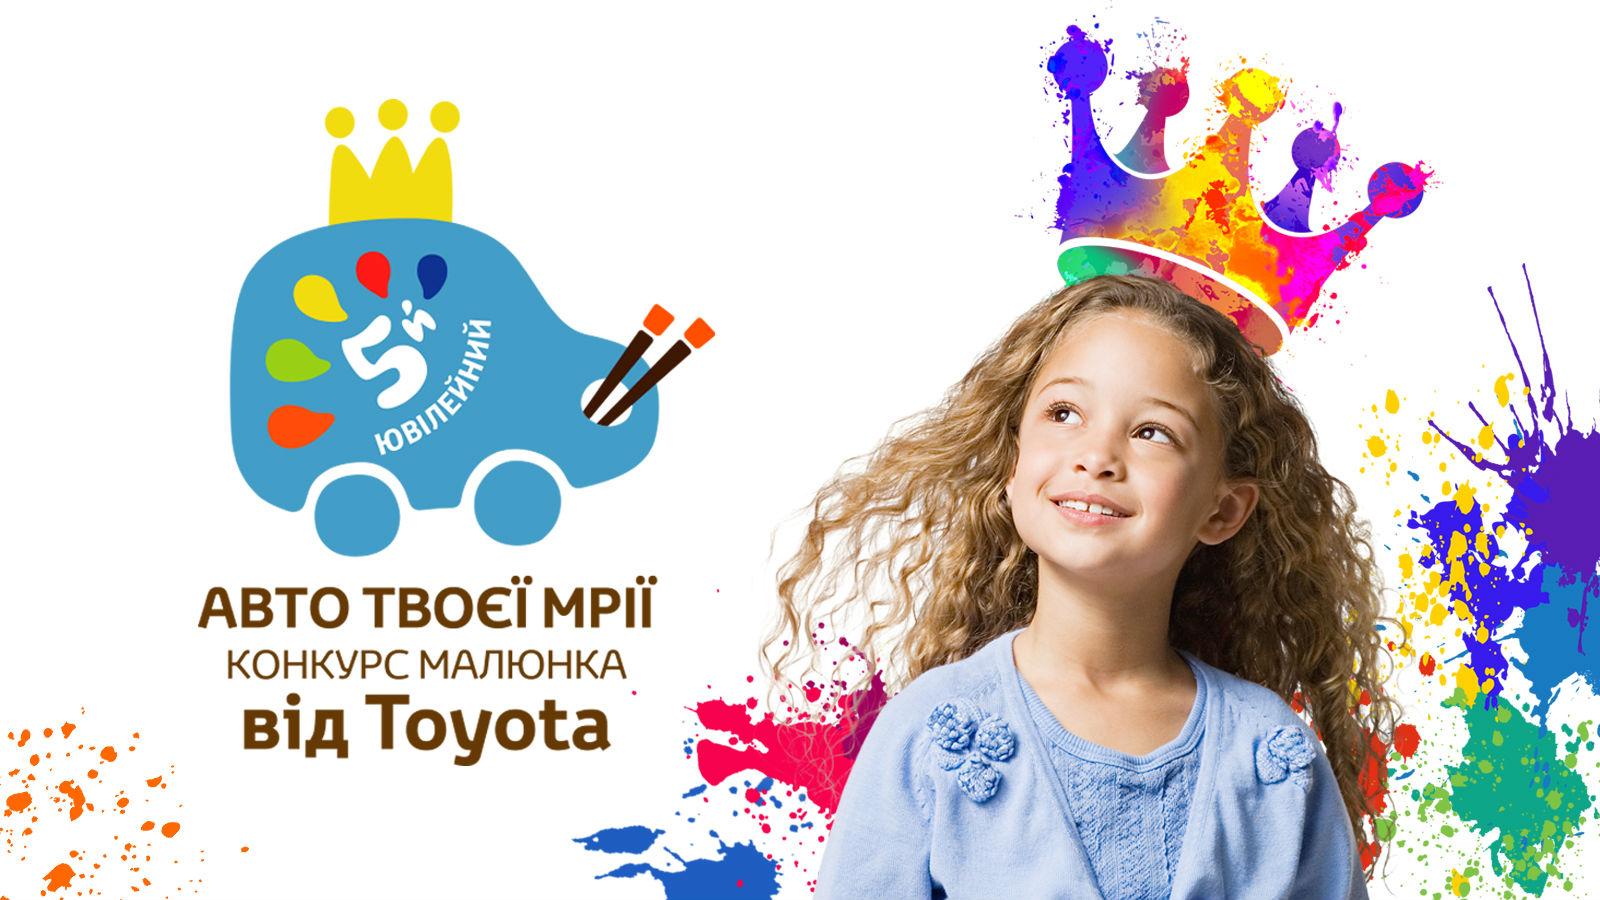 Конкурс дитячого малюнку - «Автомобіль твоєї мрії - 2017» у Кременчуці deb844d03d5e9